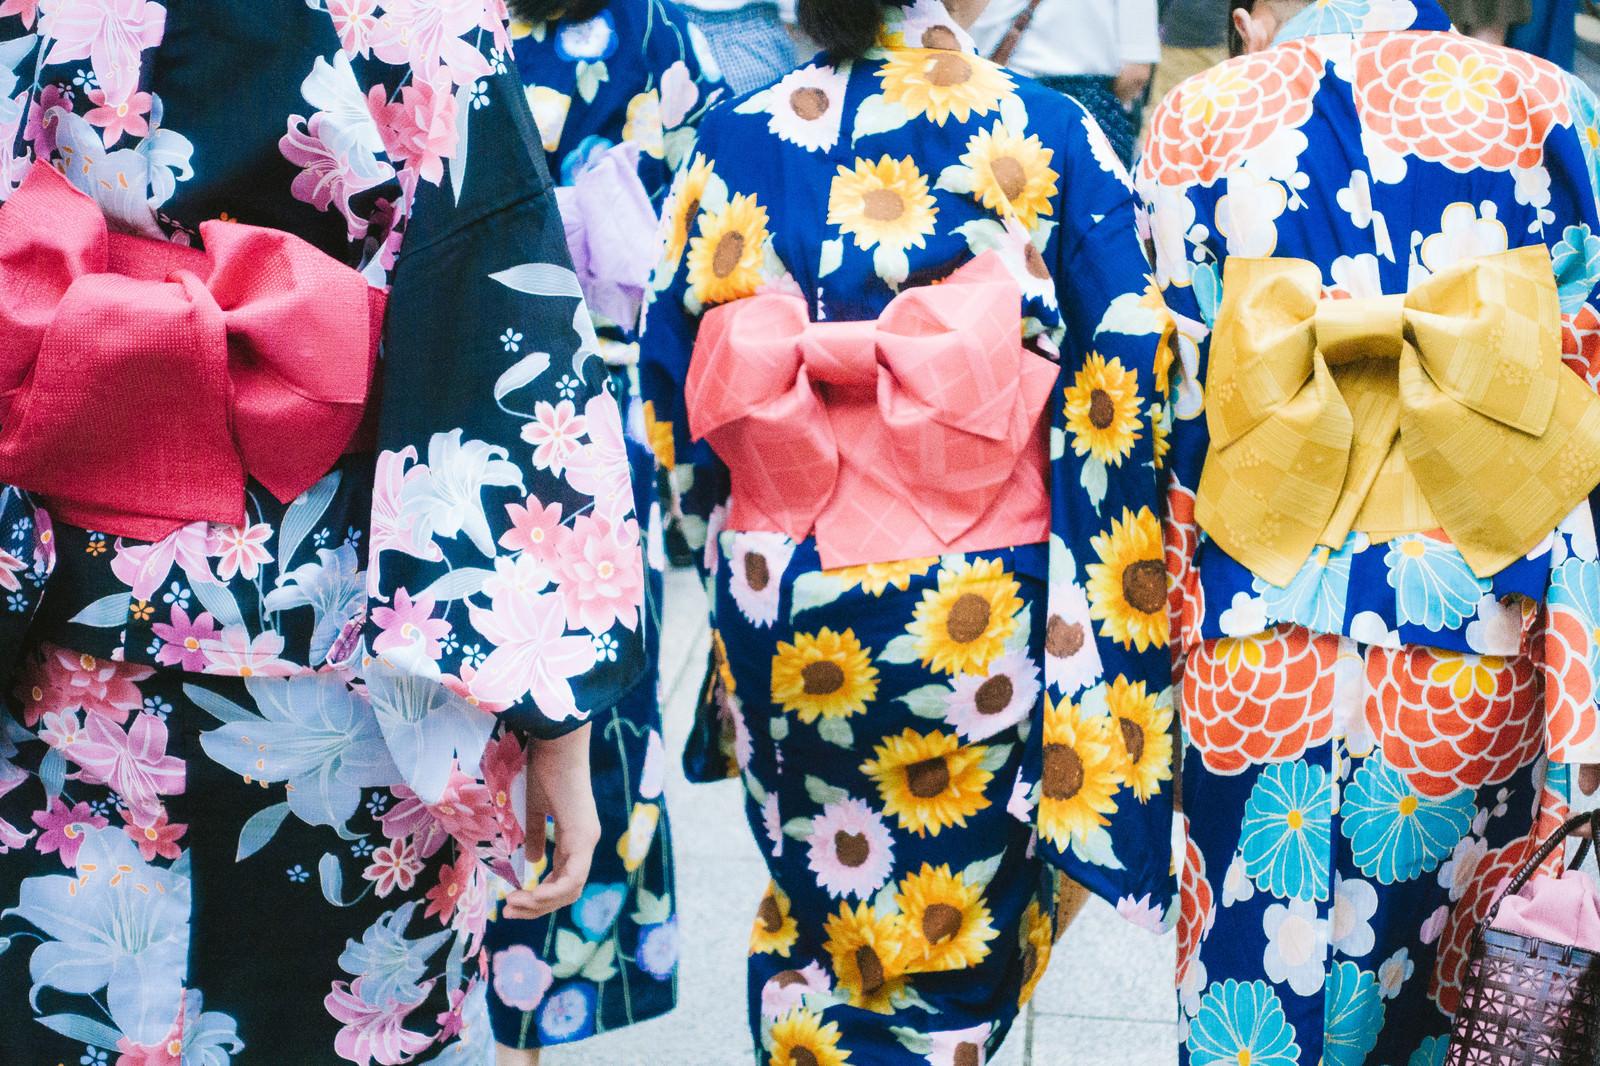 「夏祭りの浴衣姿(背後)」の写真